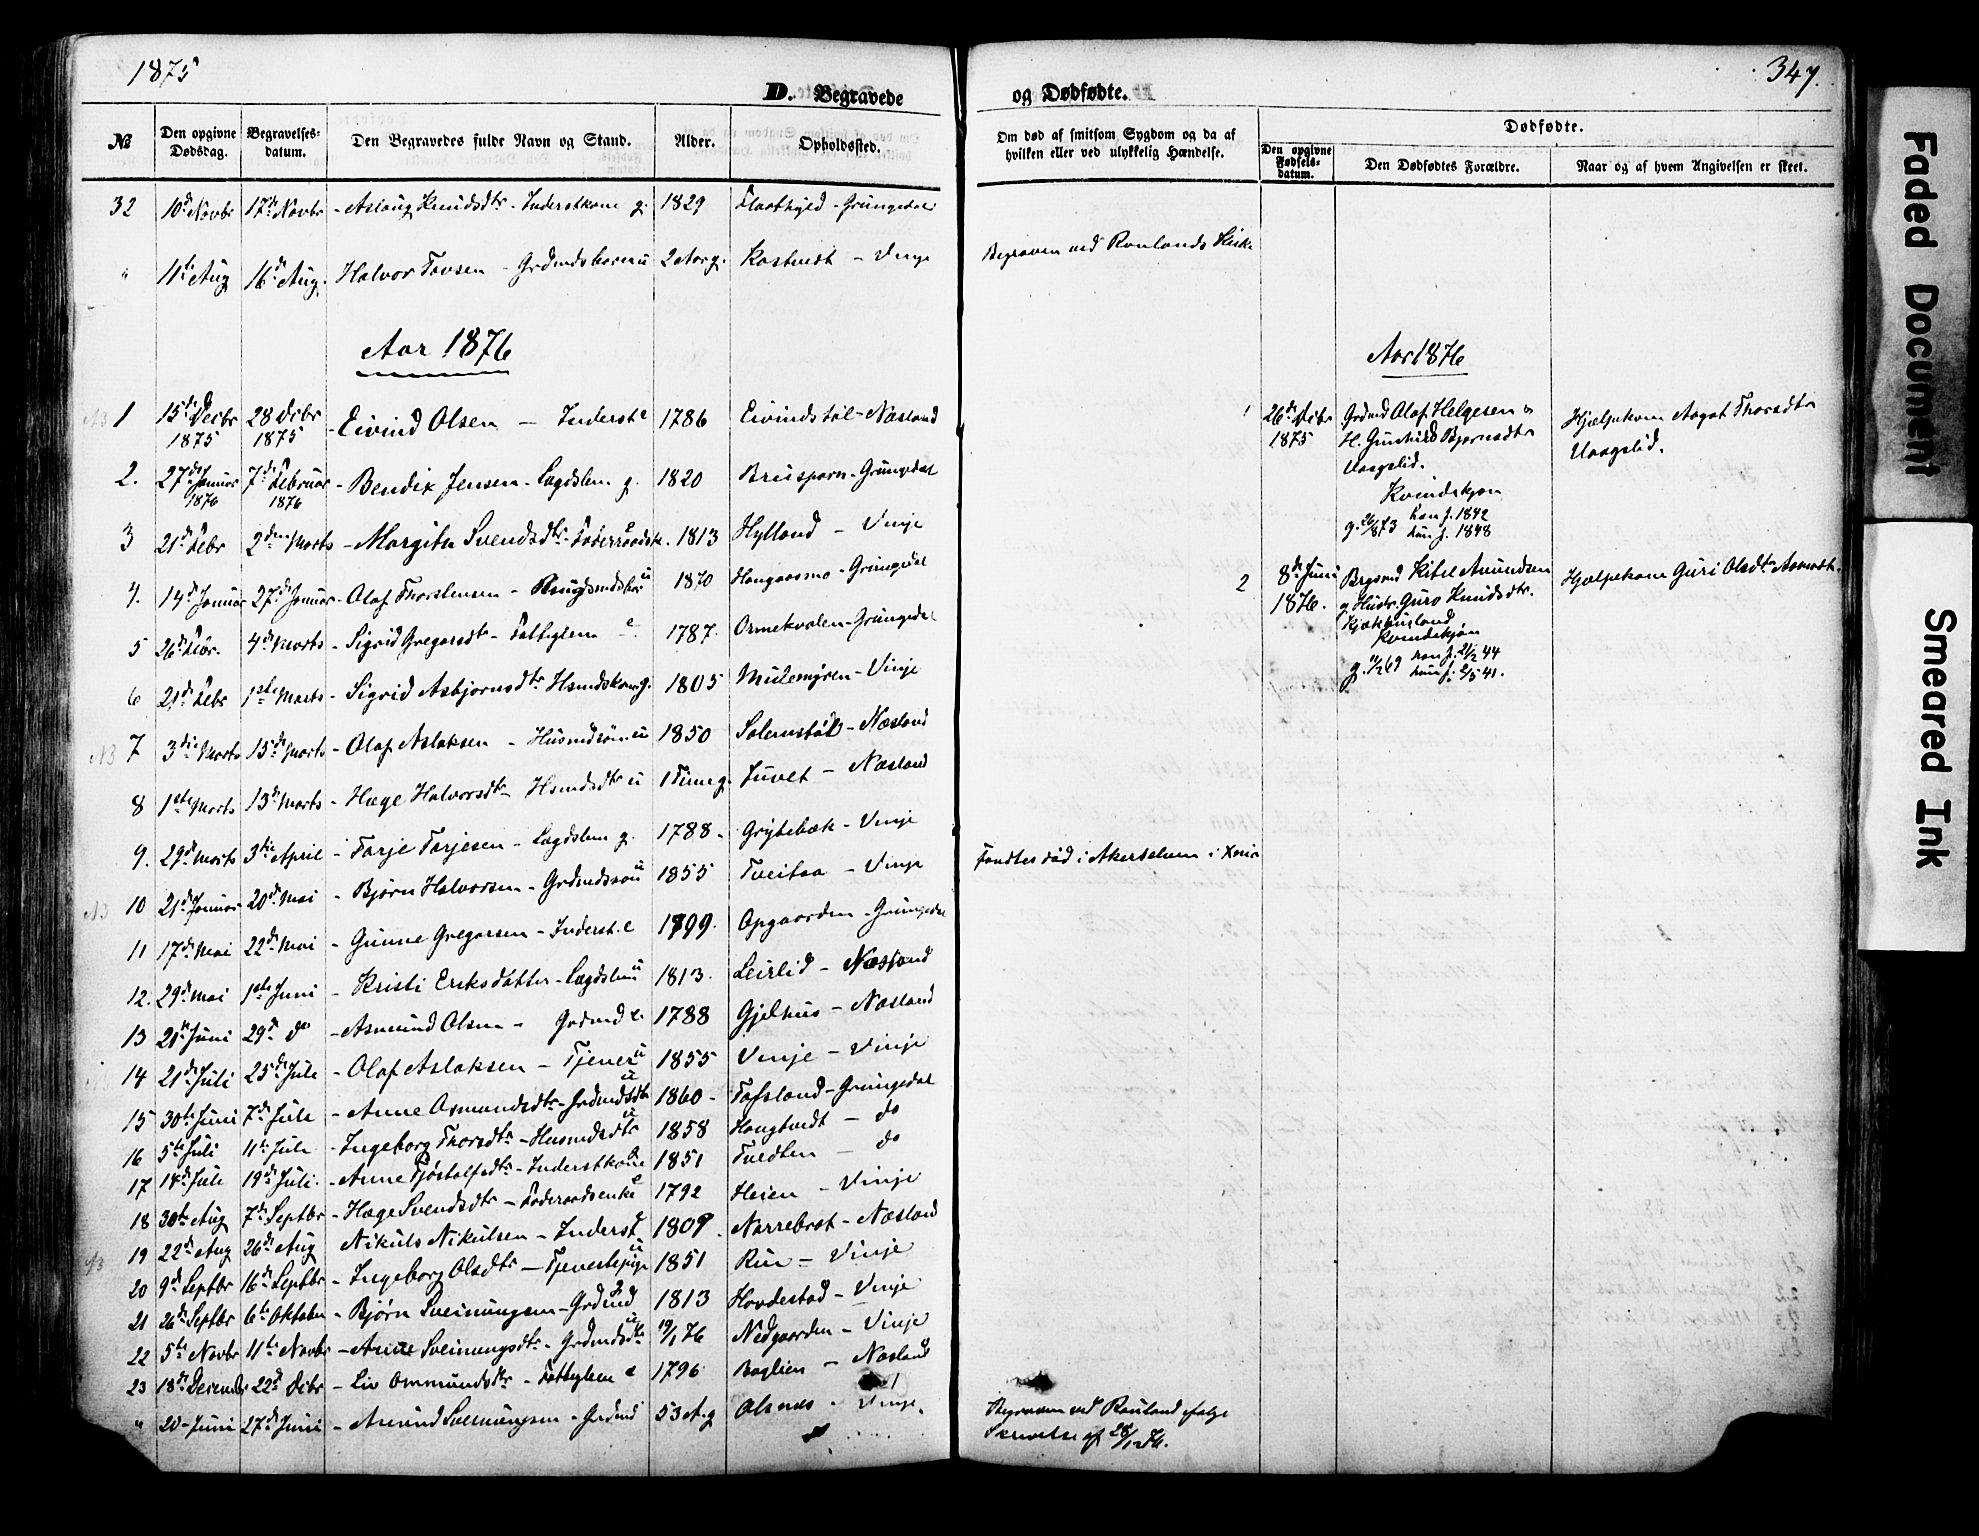 SAKO, Vinje kirkebøker, F/Fa/L0005: Ministerialbok nr. I 5, 1870-1886, s. 347